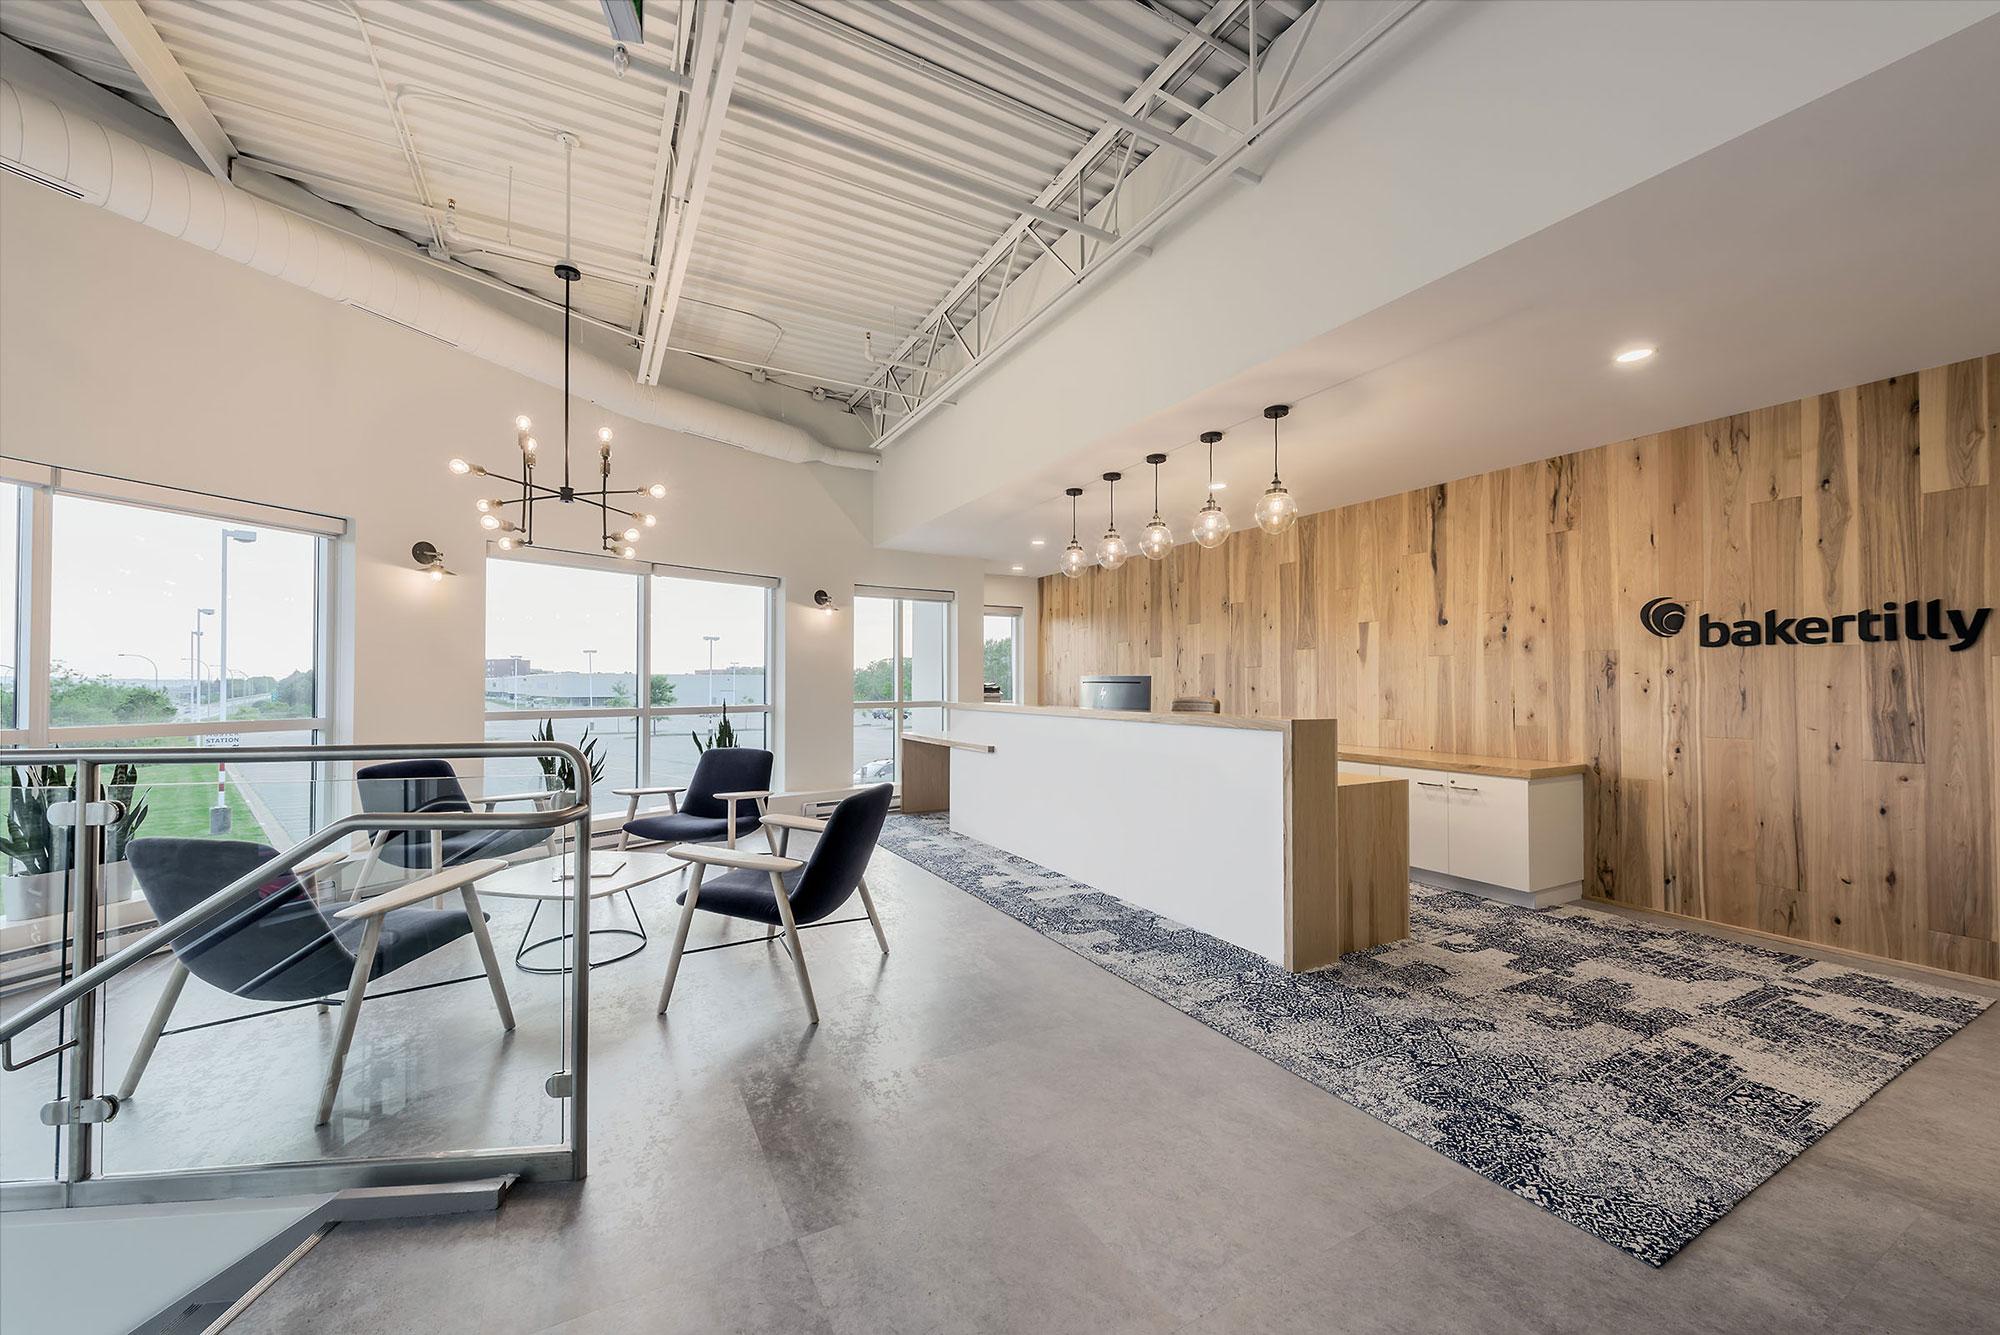 halifax-interior-design-financial-office-front-desk.jpg